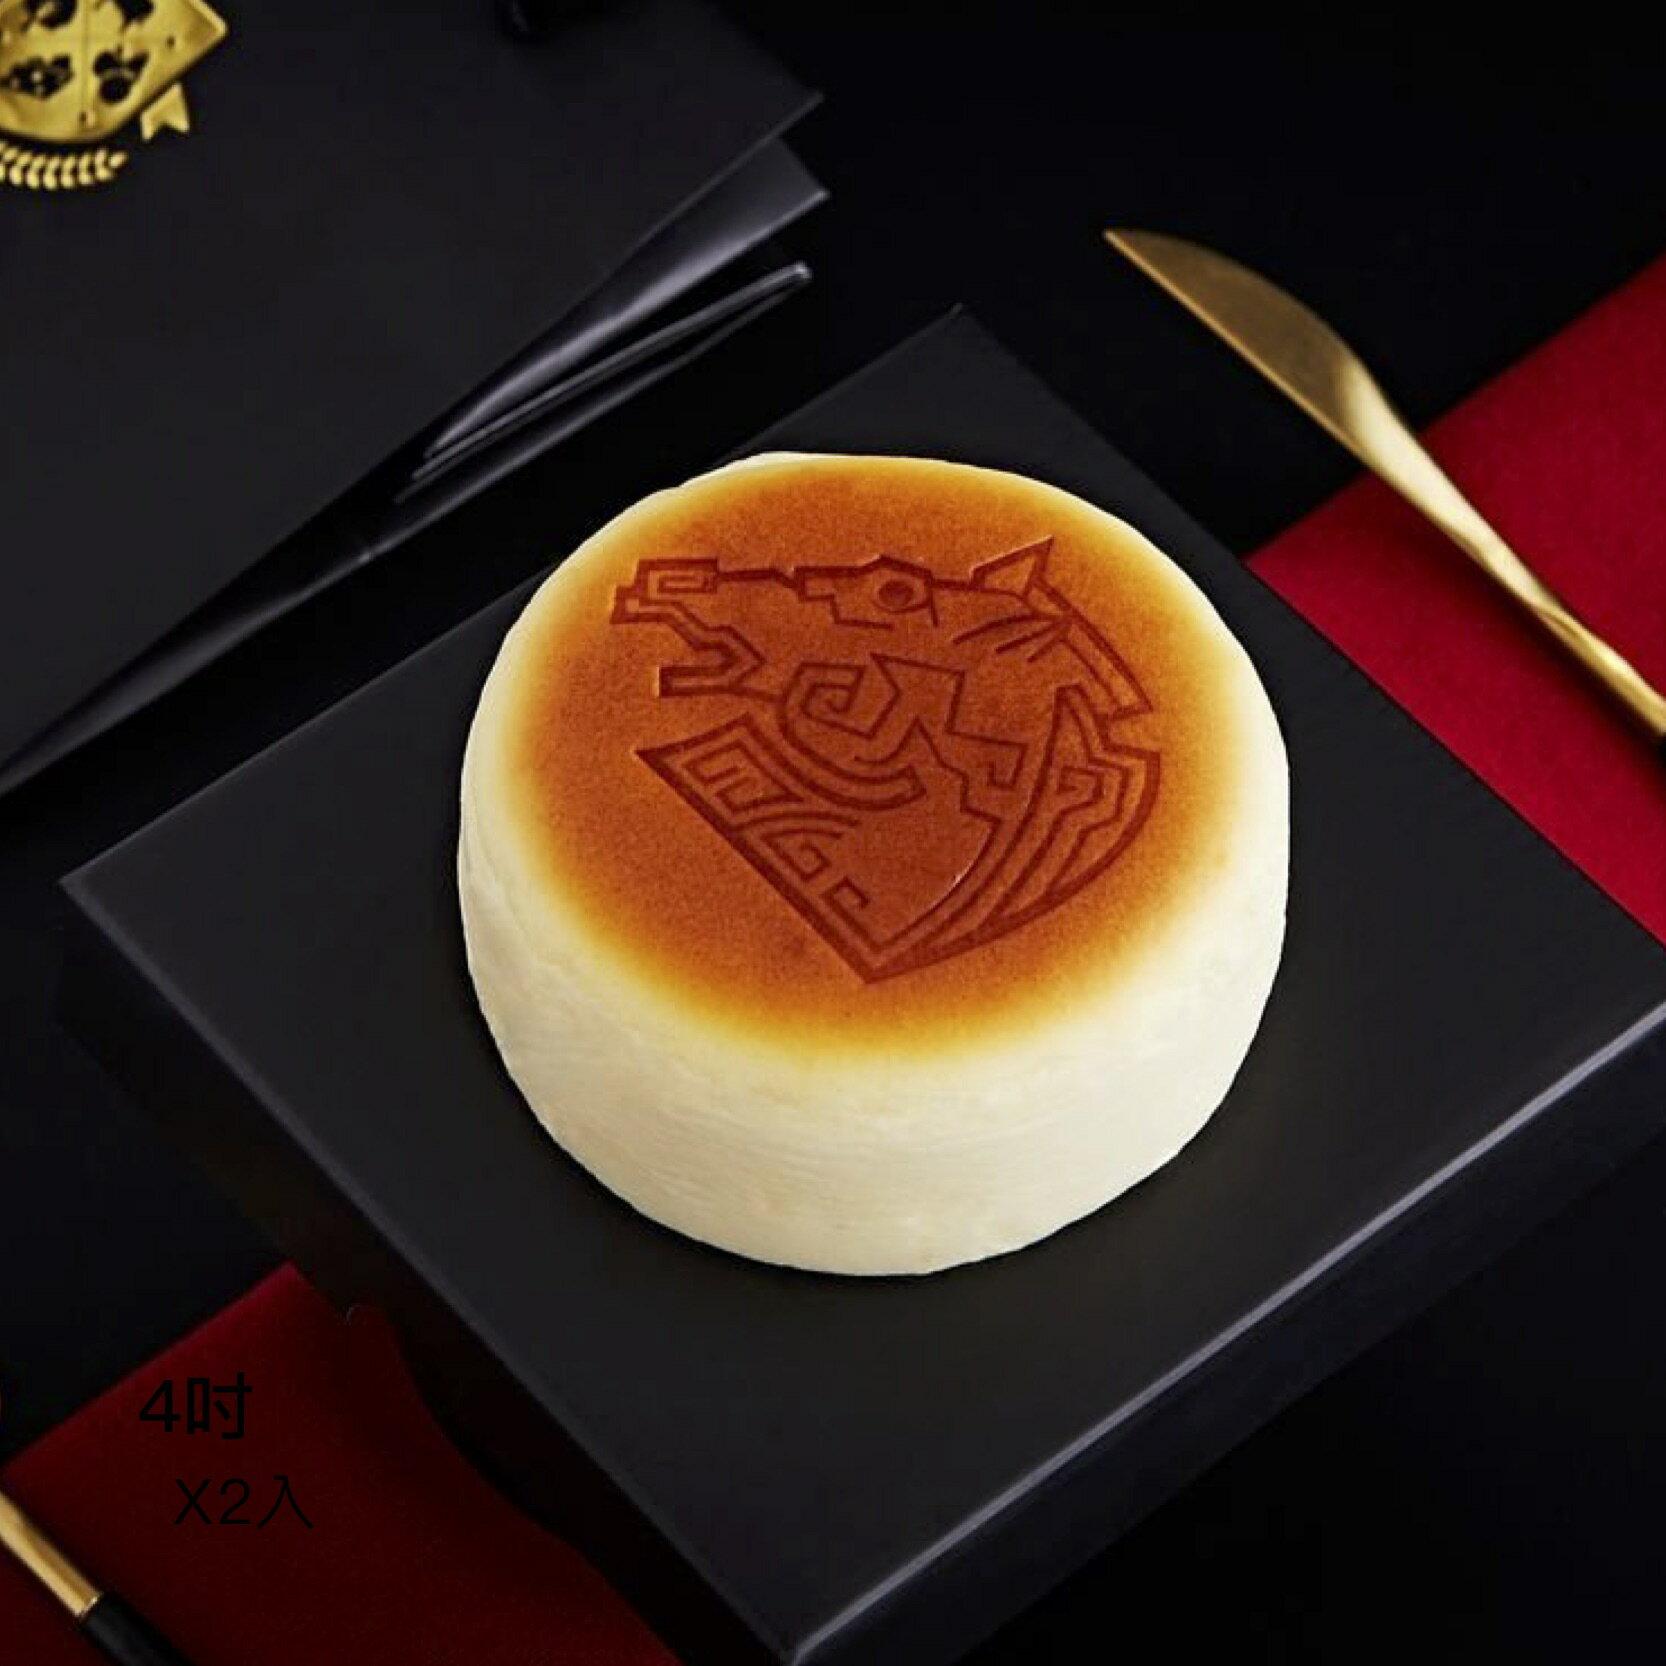 2019母親節蛋糕評比【起司】第三名 🏆 起士公爵 - 純粹原味乳酪蛋糕 (4吋+6吋各1入) -【 A.A.無添加三星認證 】 1